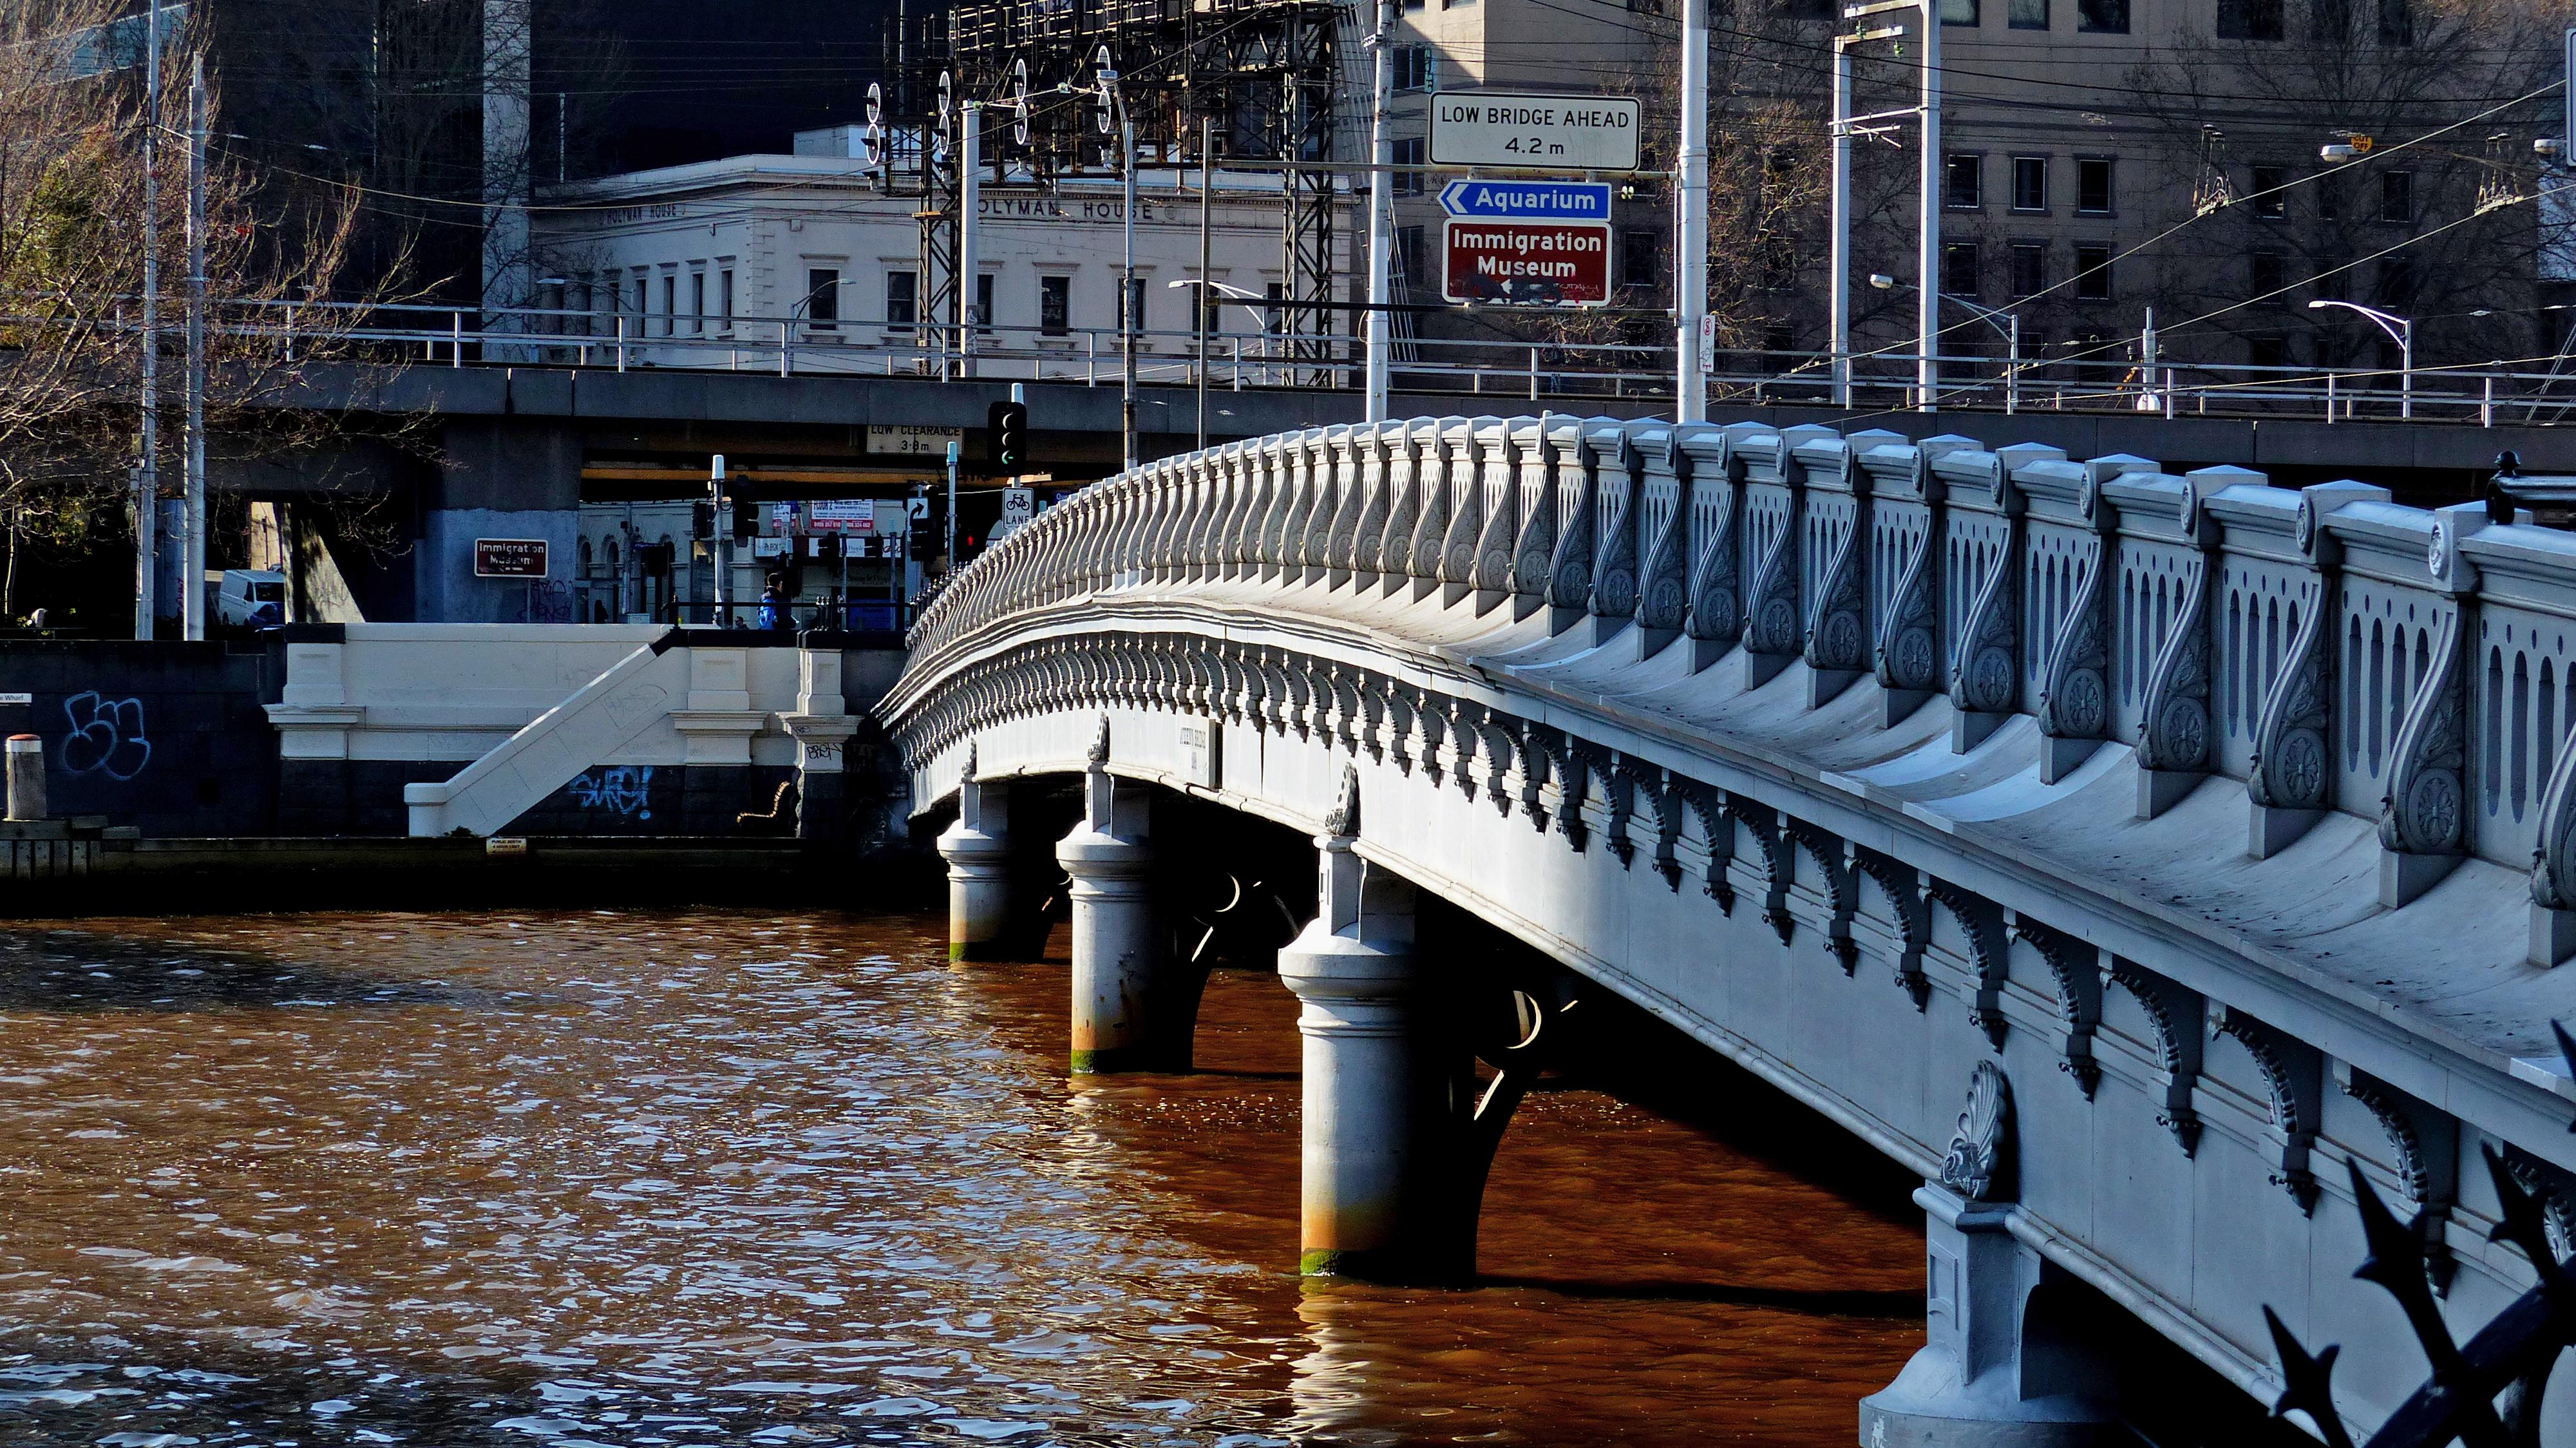 Queens Bridge. Melbourne.Aust., Bridges, Building, Cityscape, Free photos, HQ Photo